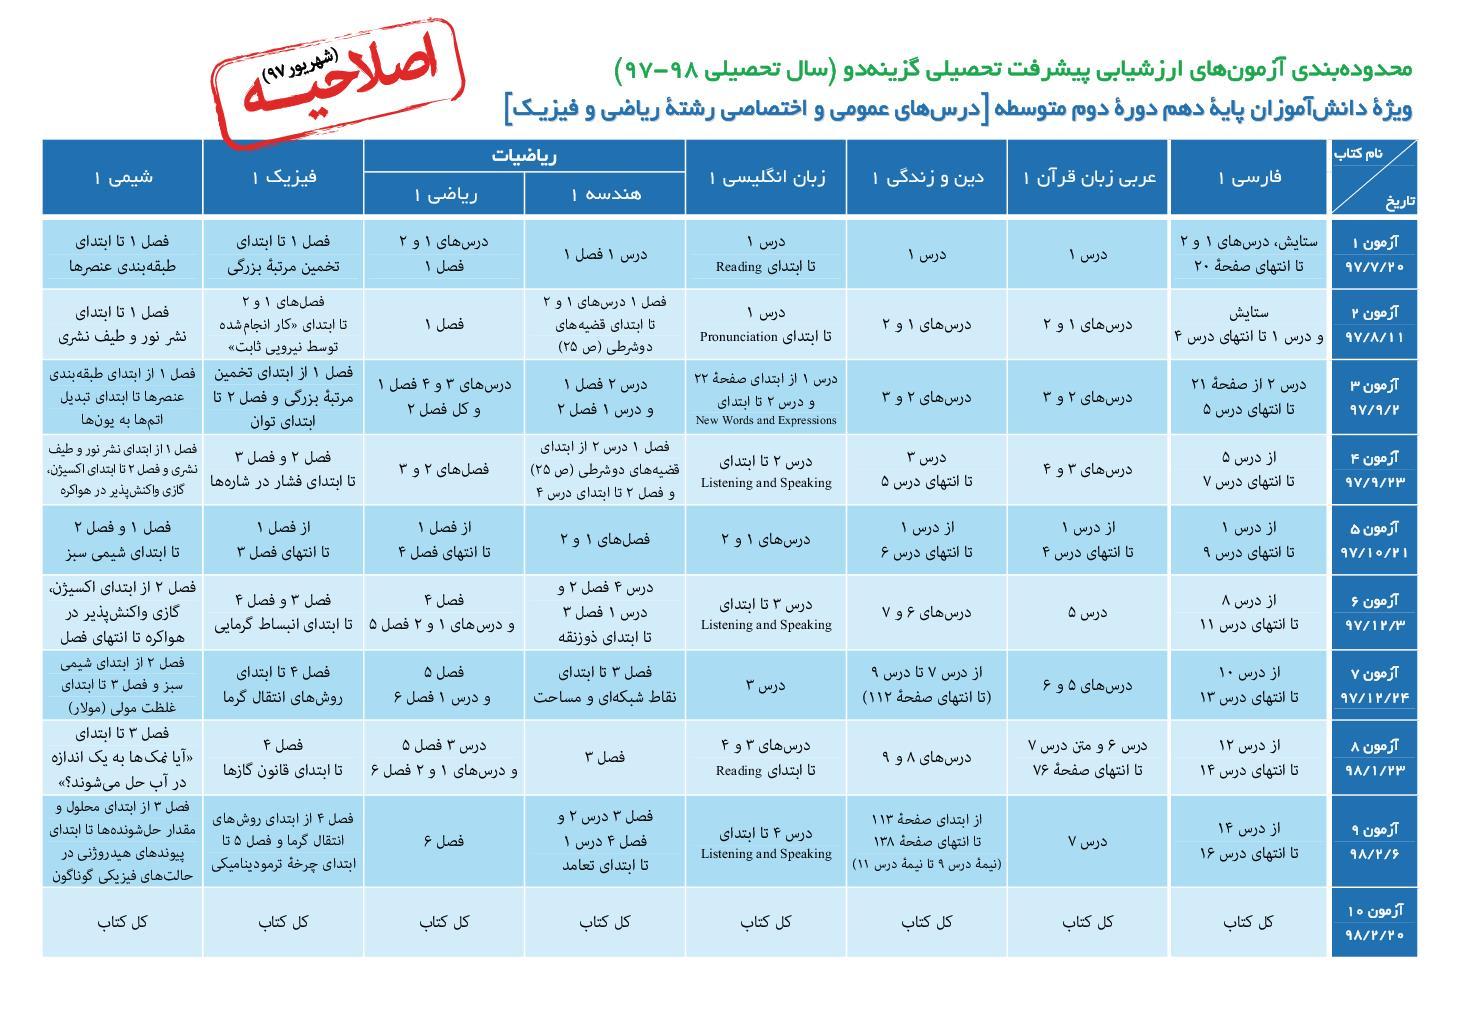 محدوده بندی ارزشیابی های پیشرفت تحصیلی ویژه سال دهم (نسخه اصلاحیه 97/6/11) (PDF)